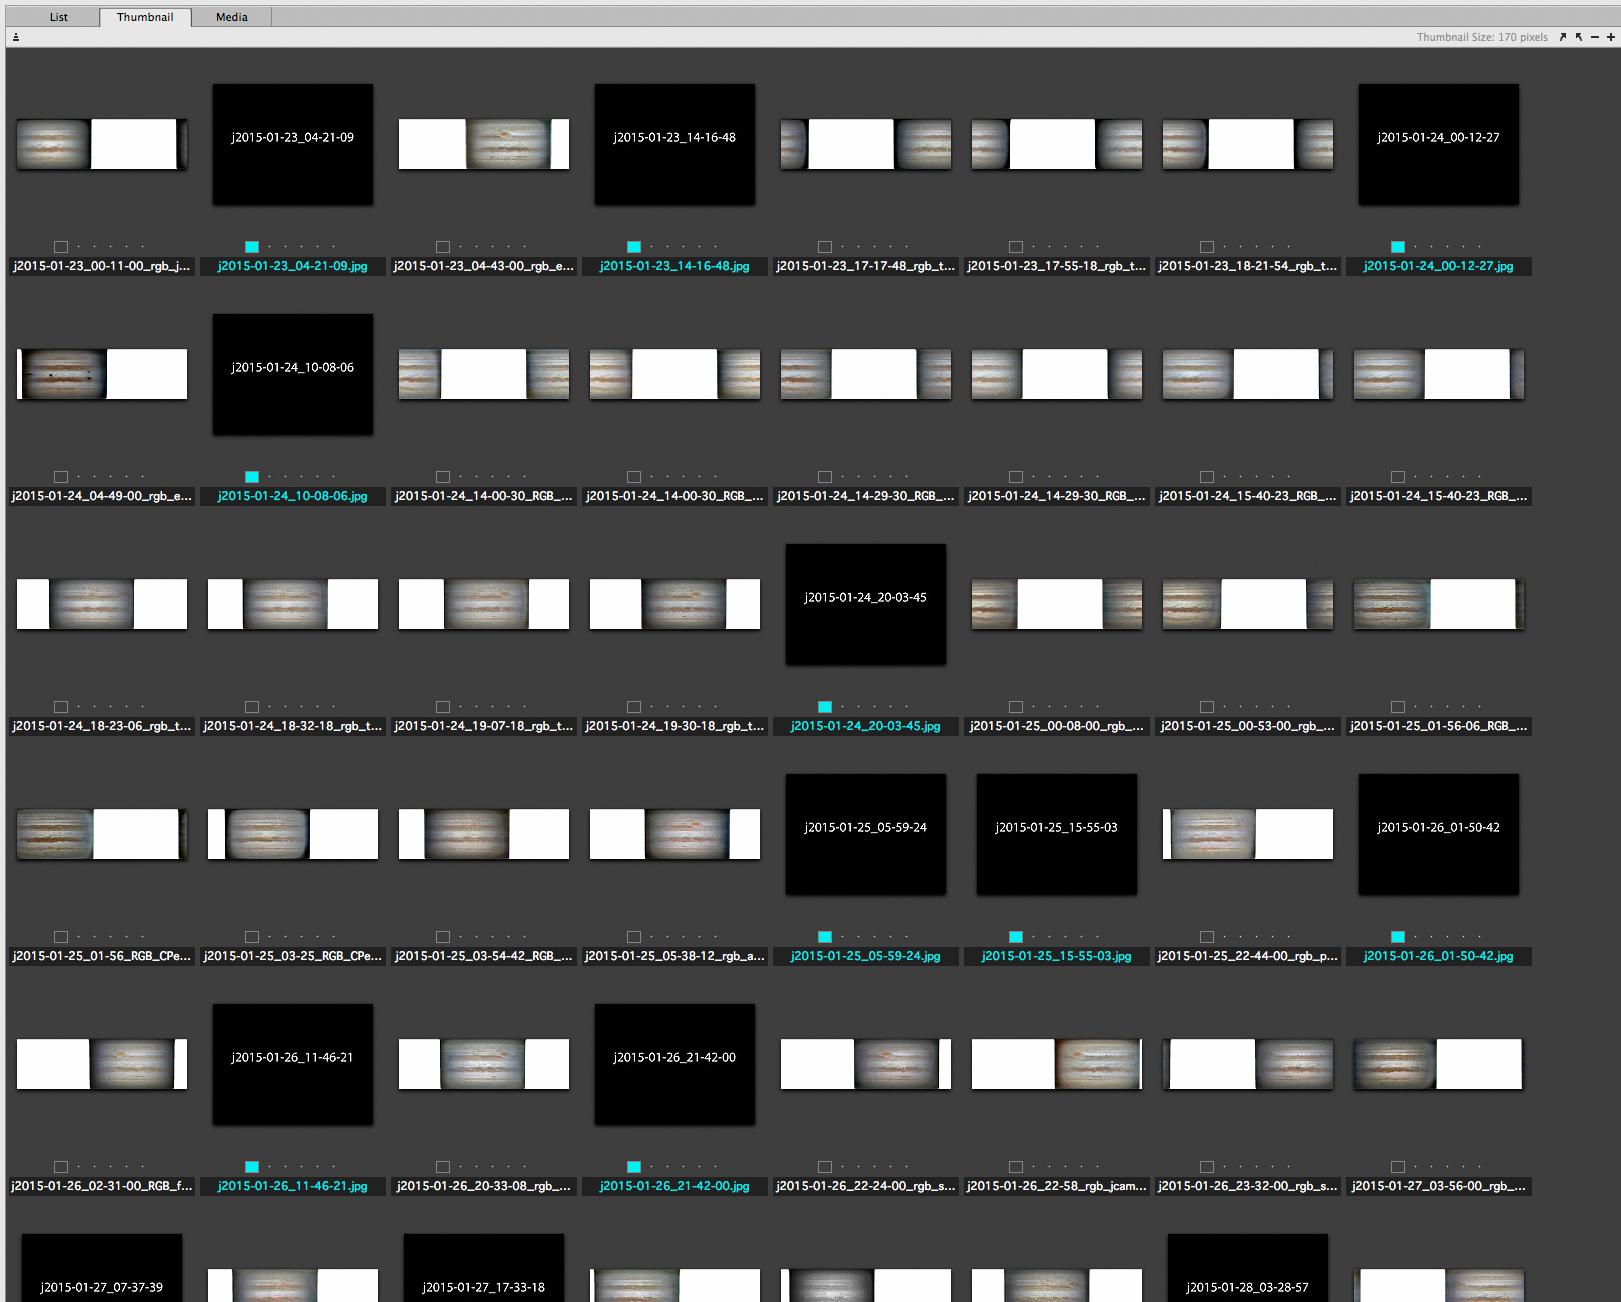 Assembling frames in chronological order